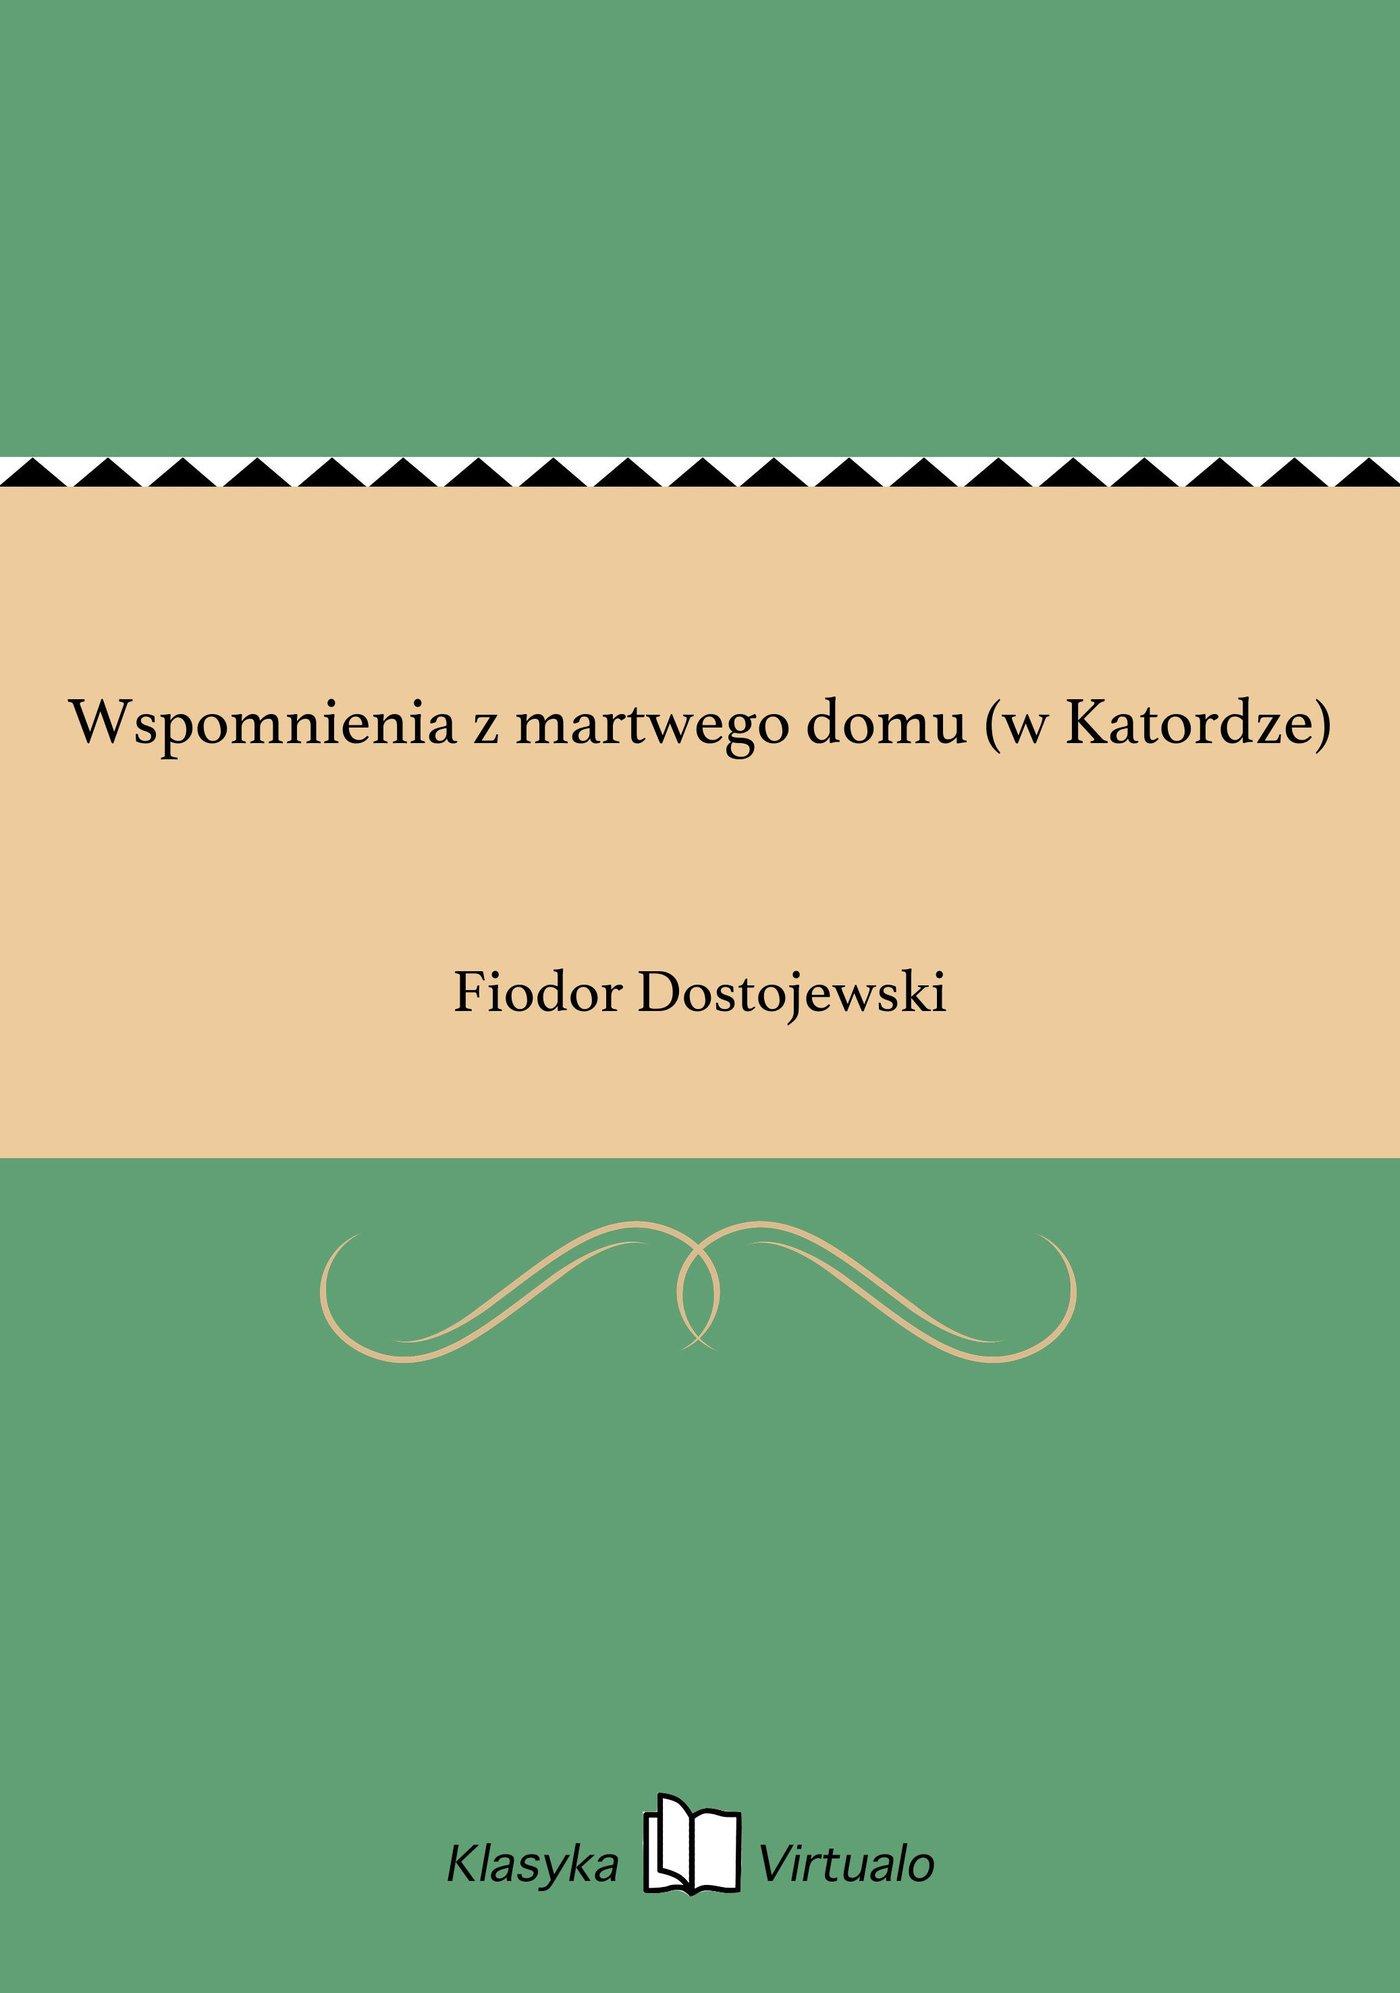 Wspomnienia z martwego domu (w Katordze) - Ebook (Książka EPUB) do pobrania w formacie EPUB